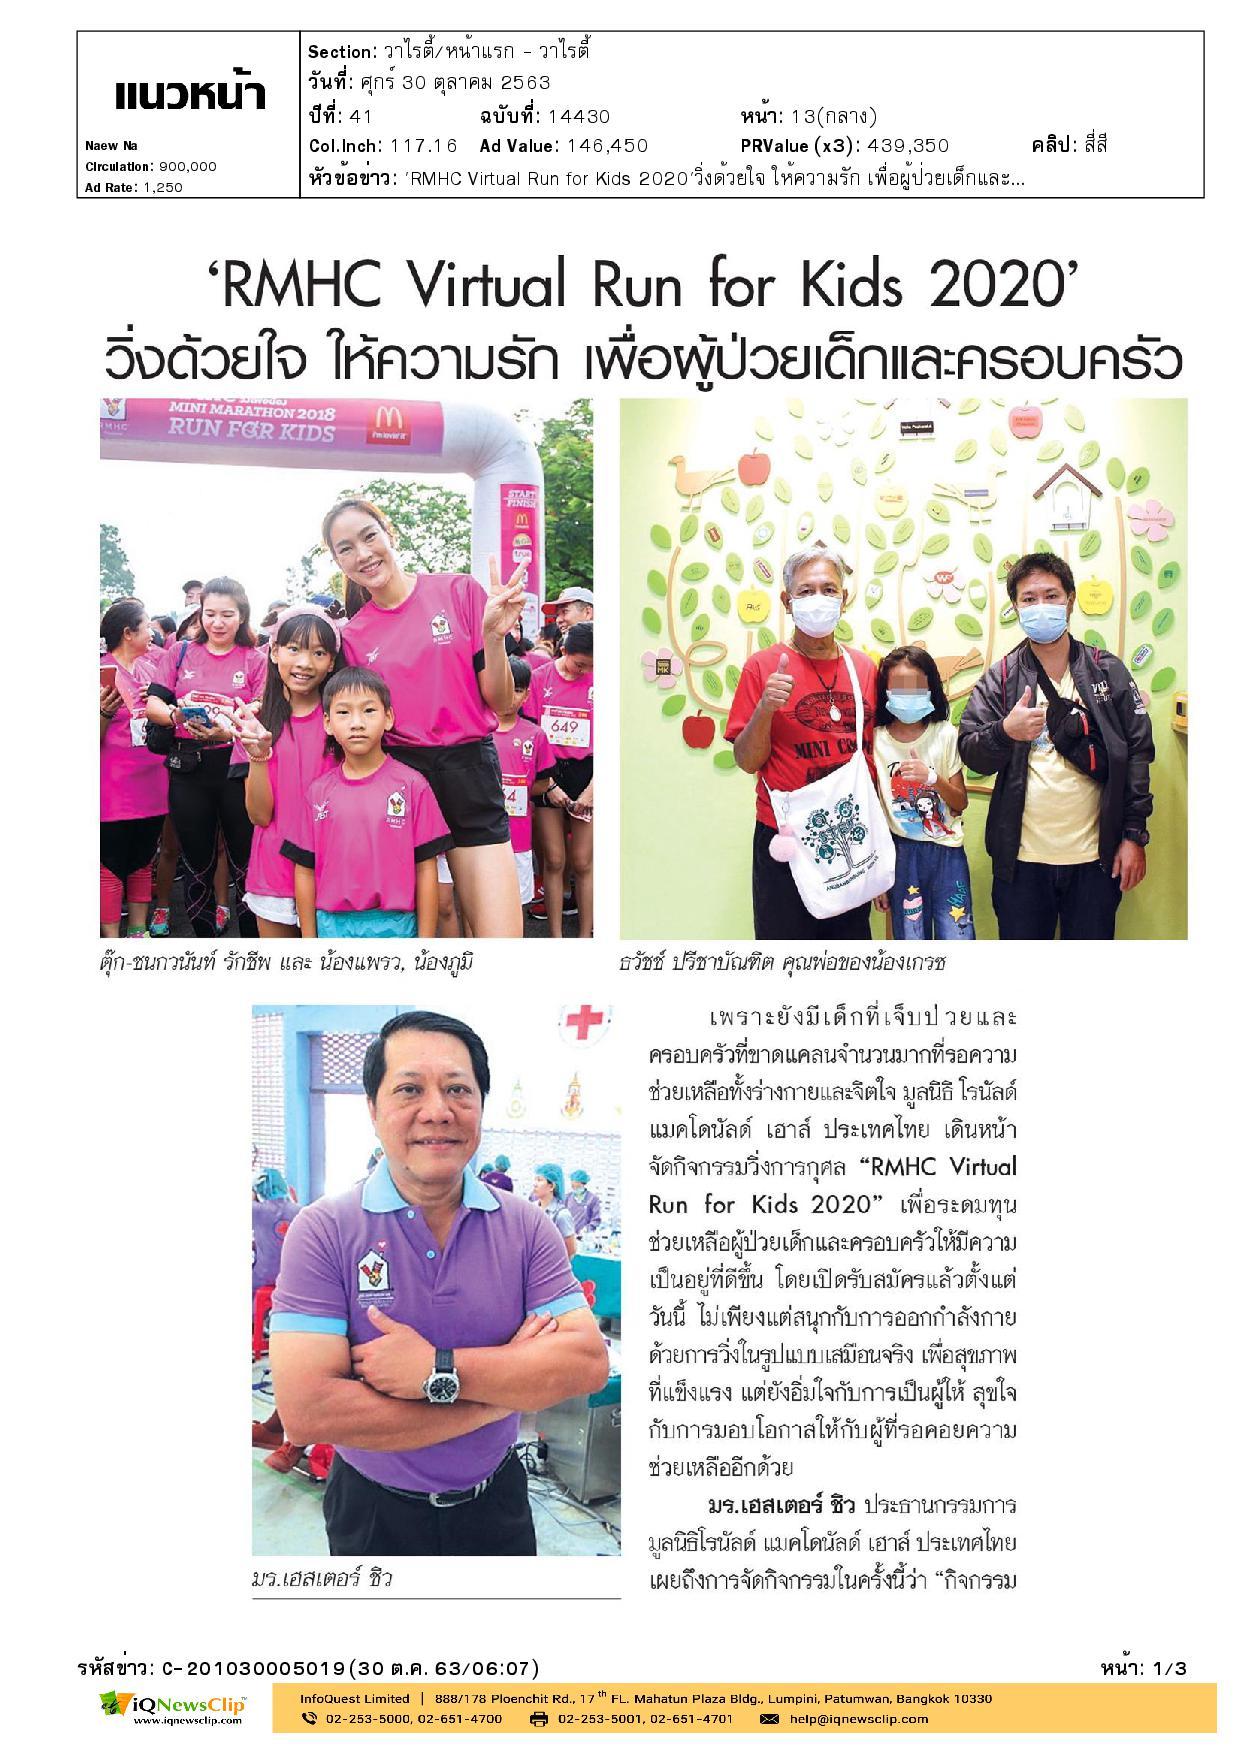 วิ่งด้วยใจ ให้ความรัก เพื่อผู้ป่วยเด็กและครอบครัว